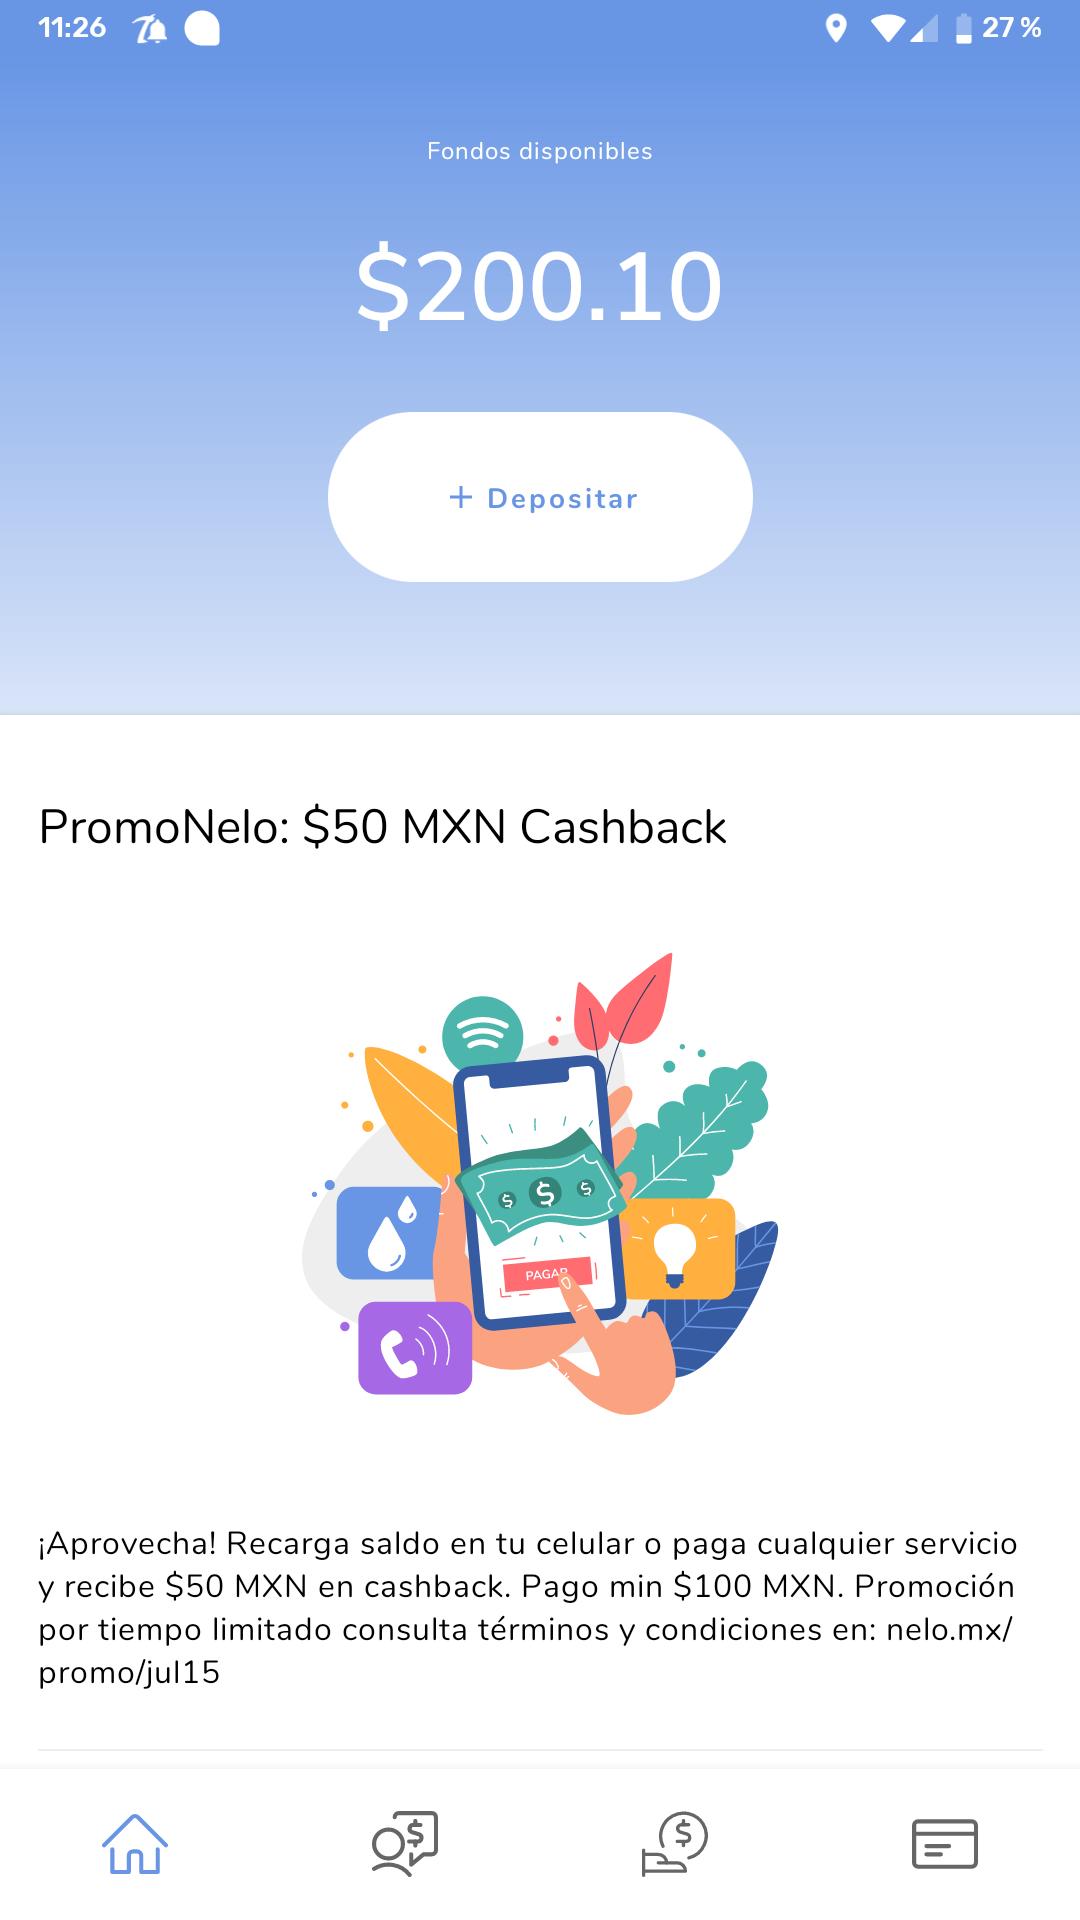 Nelo $50.00 de Cashback al hacer recarga o pago de servicio de $100